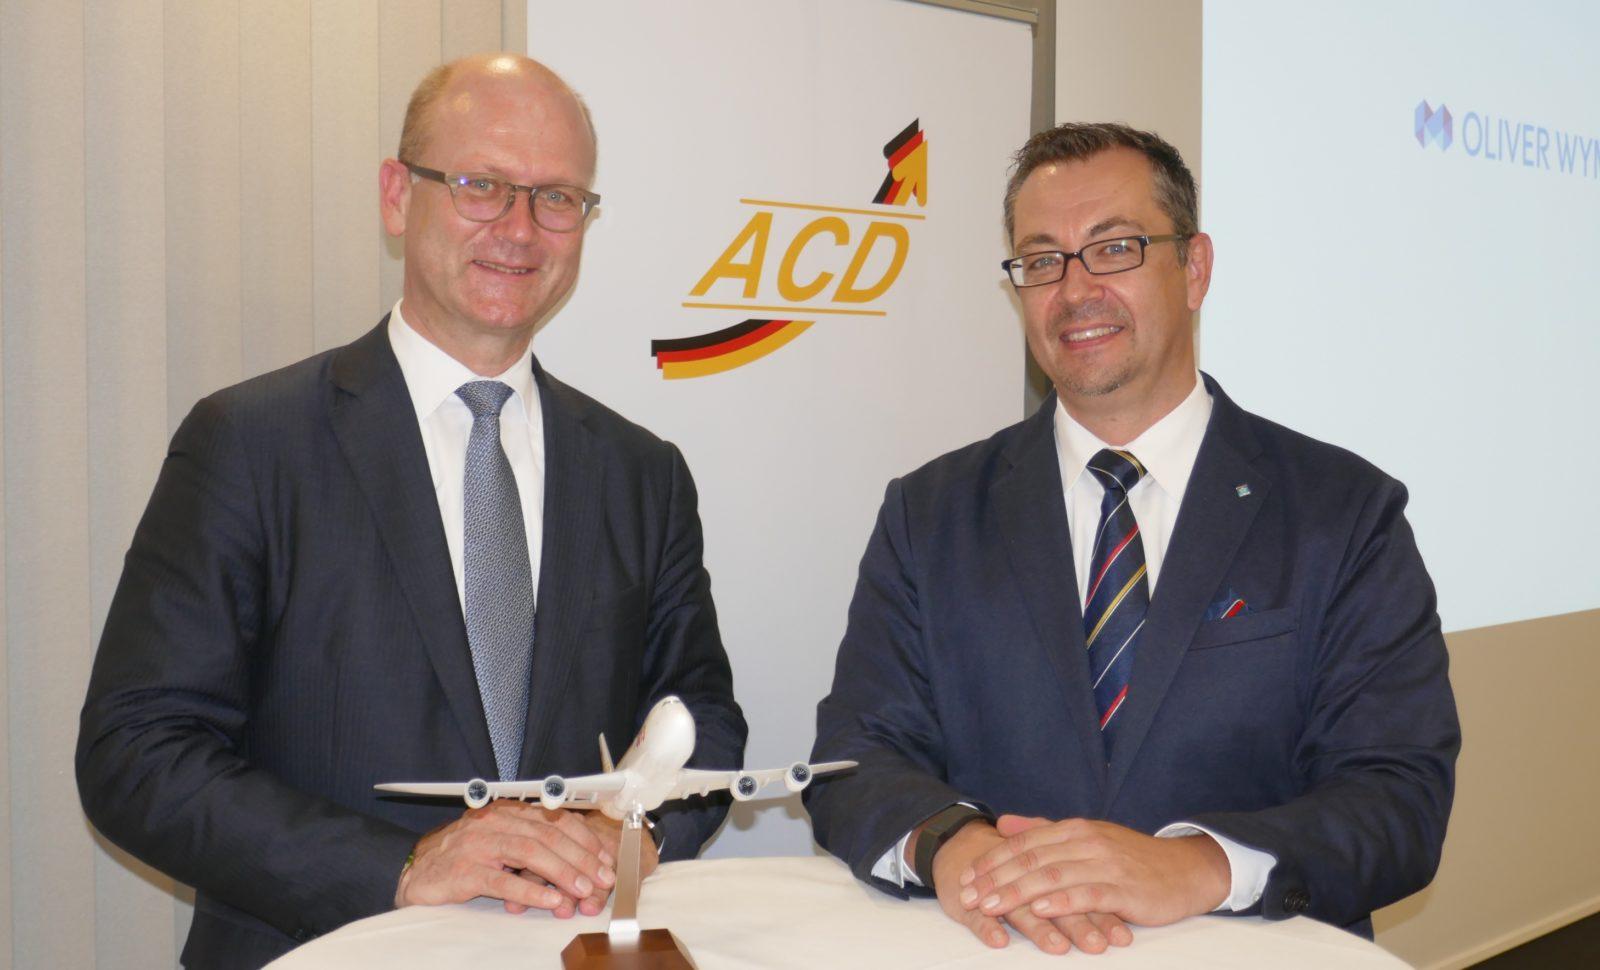 Digitalisierung in der Logistik: Aircargo Club Deutschland sieht Nachholbedarf bei digitalen Geschäftsmodellen von Logistikunternehmen